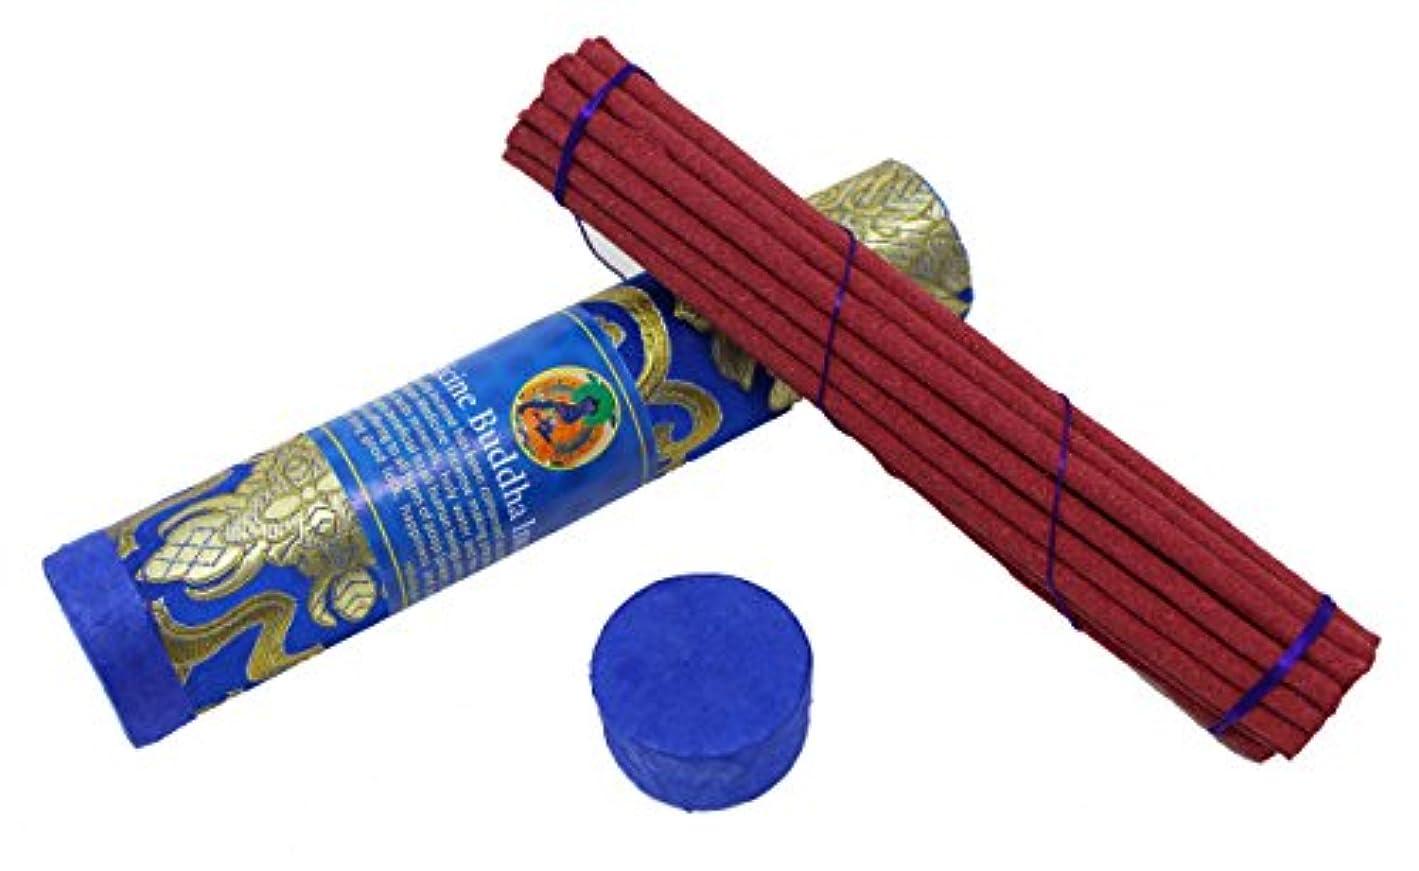 変化する詳細な安心juccini Tibetan Incense Sticks ~ Spiritual Healing Hand Rolled Incense Made from Organic Himalayan Herbs ブルー